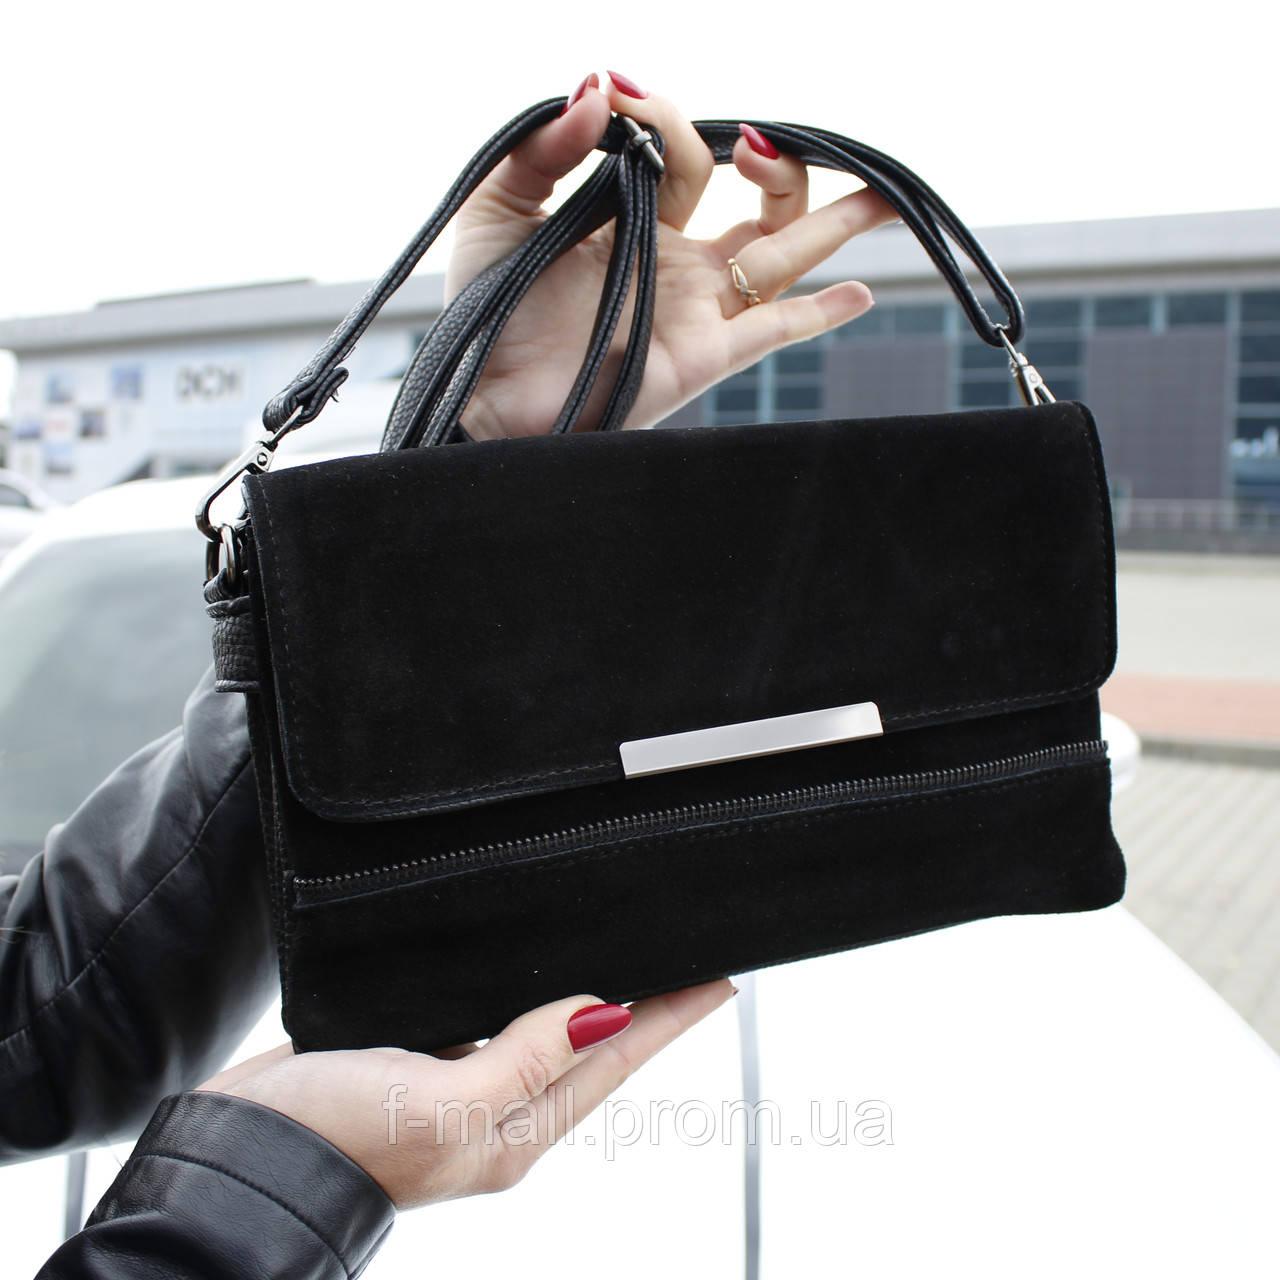 Стильная женская сумка клатч черная замш (А804)